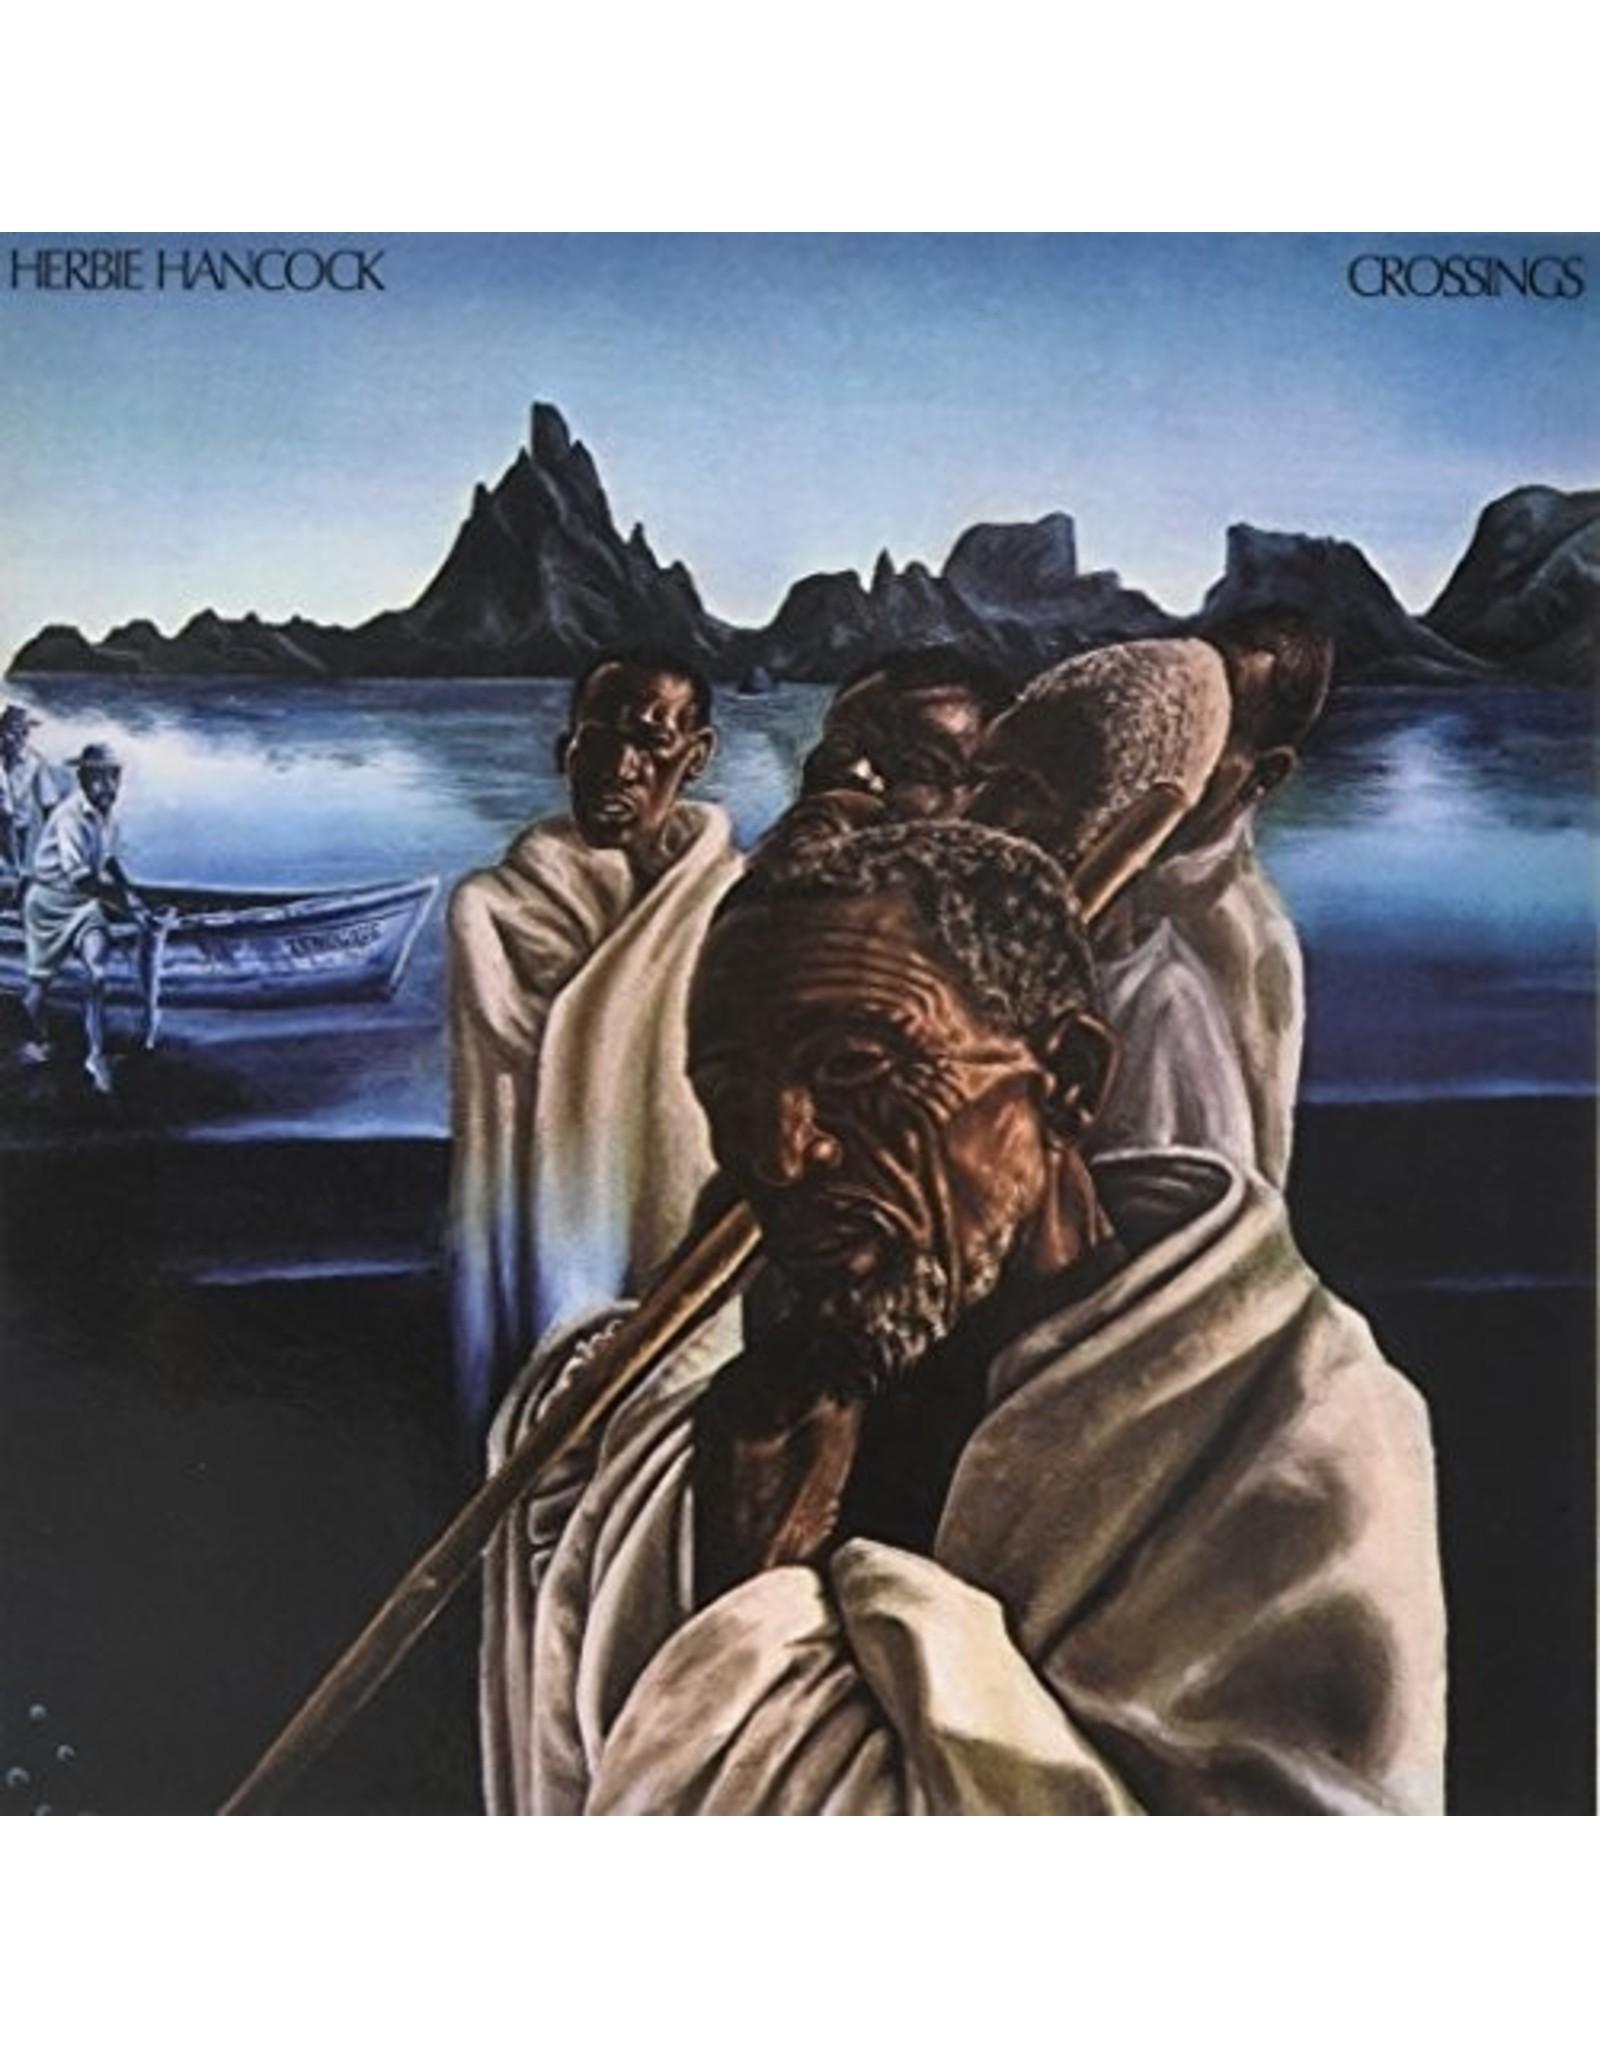 New Vinyl Herbie Hancock - Crossings LP